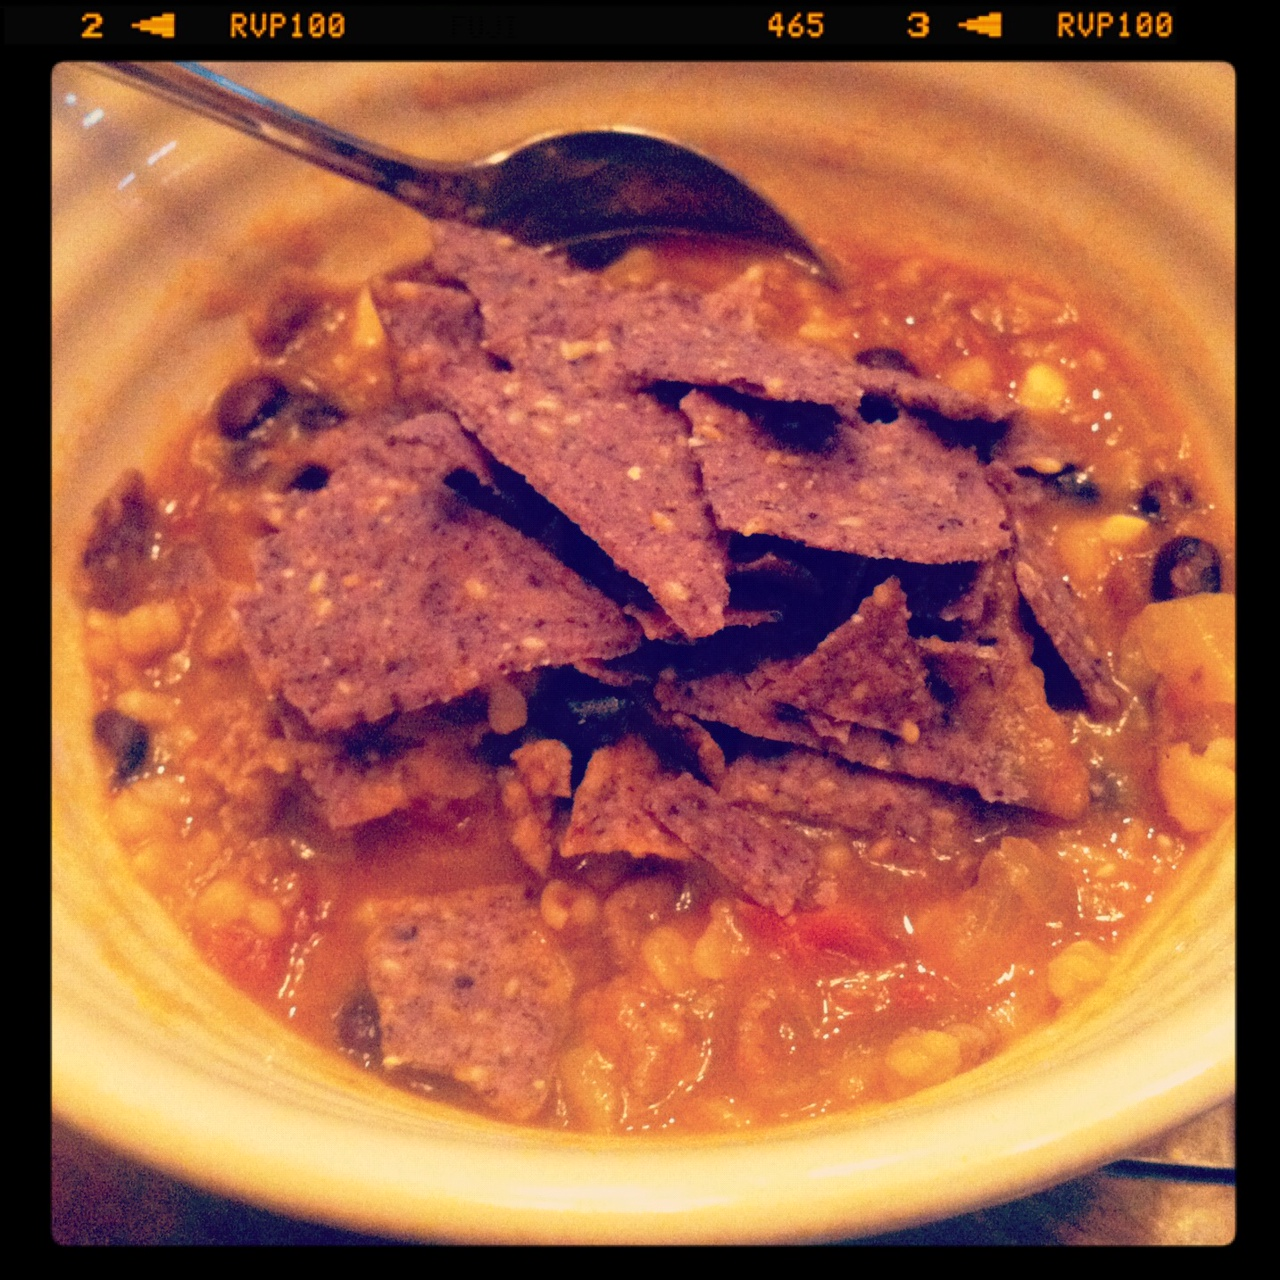 http://3.bp.blogspot.com/-qHzfBTjfHxk/Tssl4hCXuEI/AAAAAAAAAS4/kwq583-6qeg/s1600/hearty+tortilla.JPG